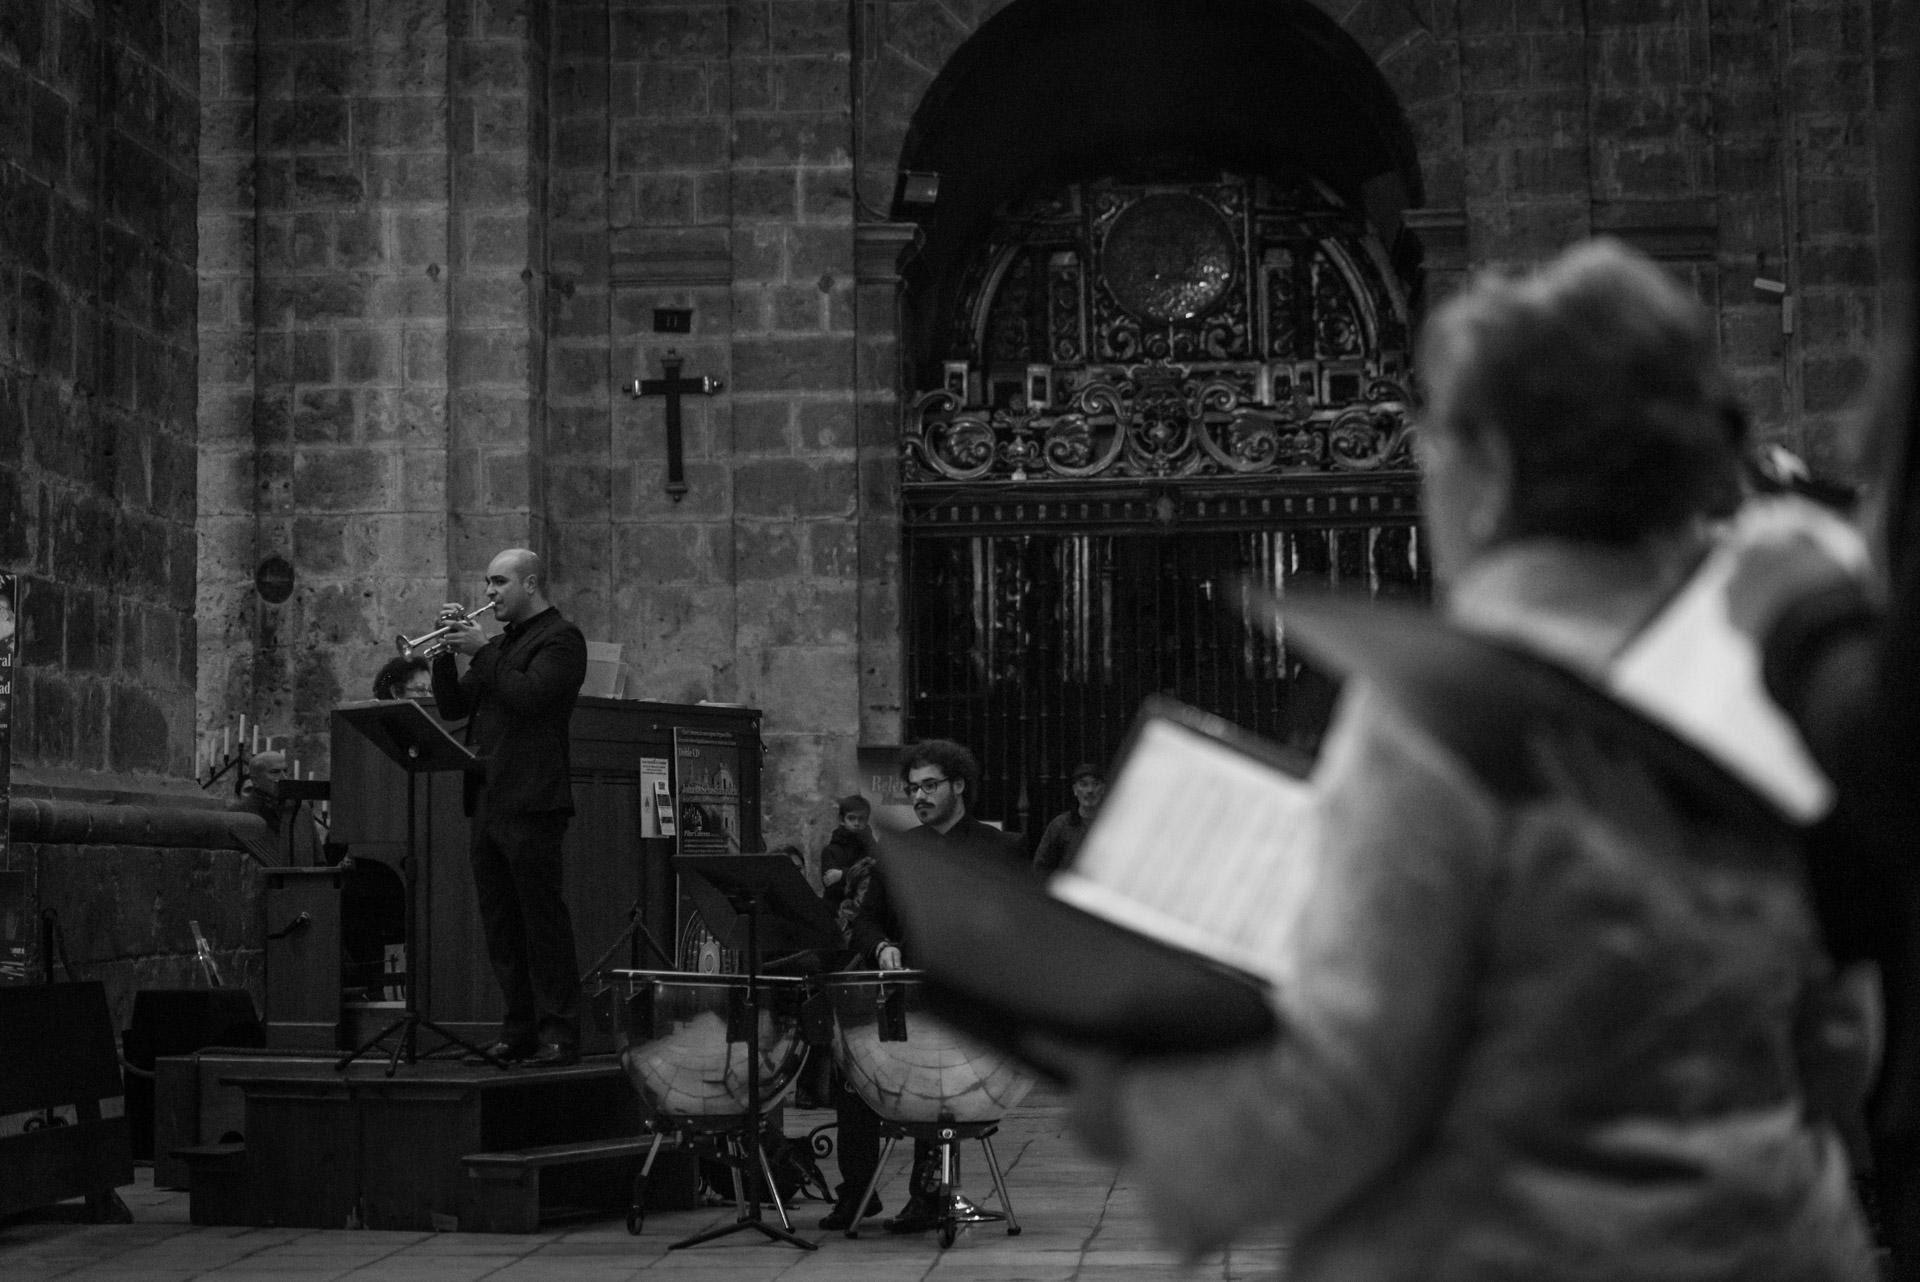 fotografia musica concierto laguna de duero valladolid